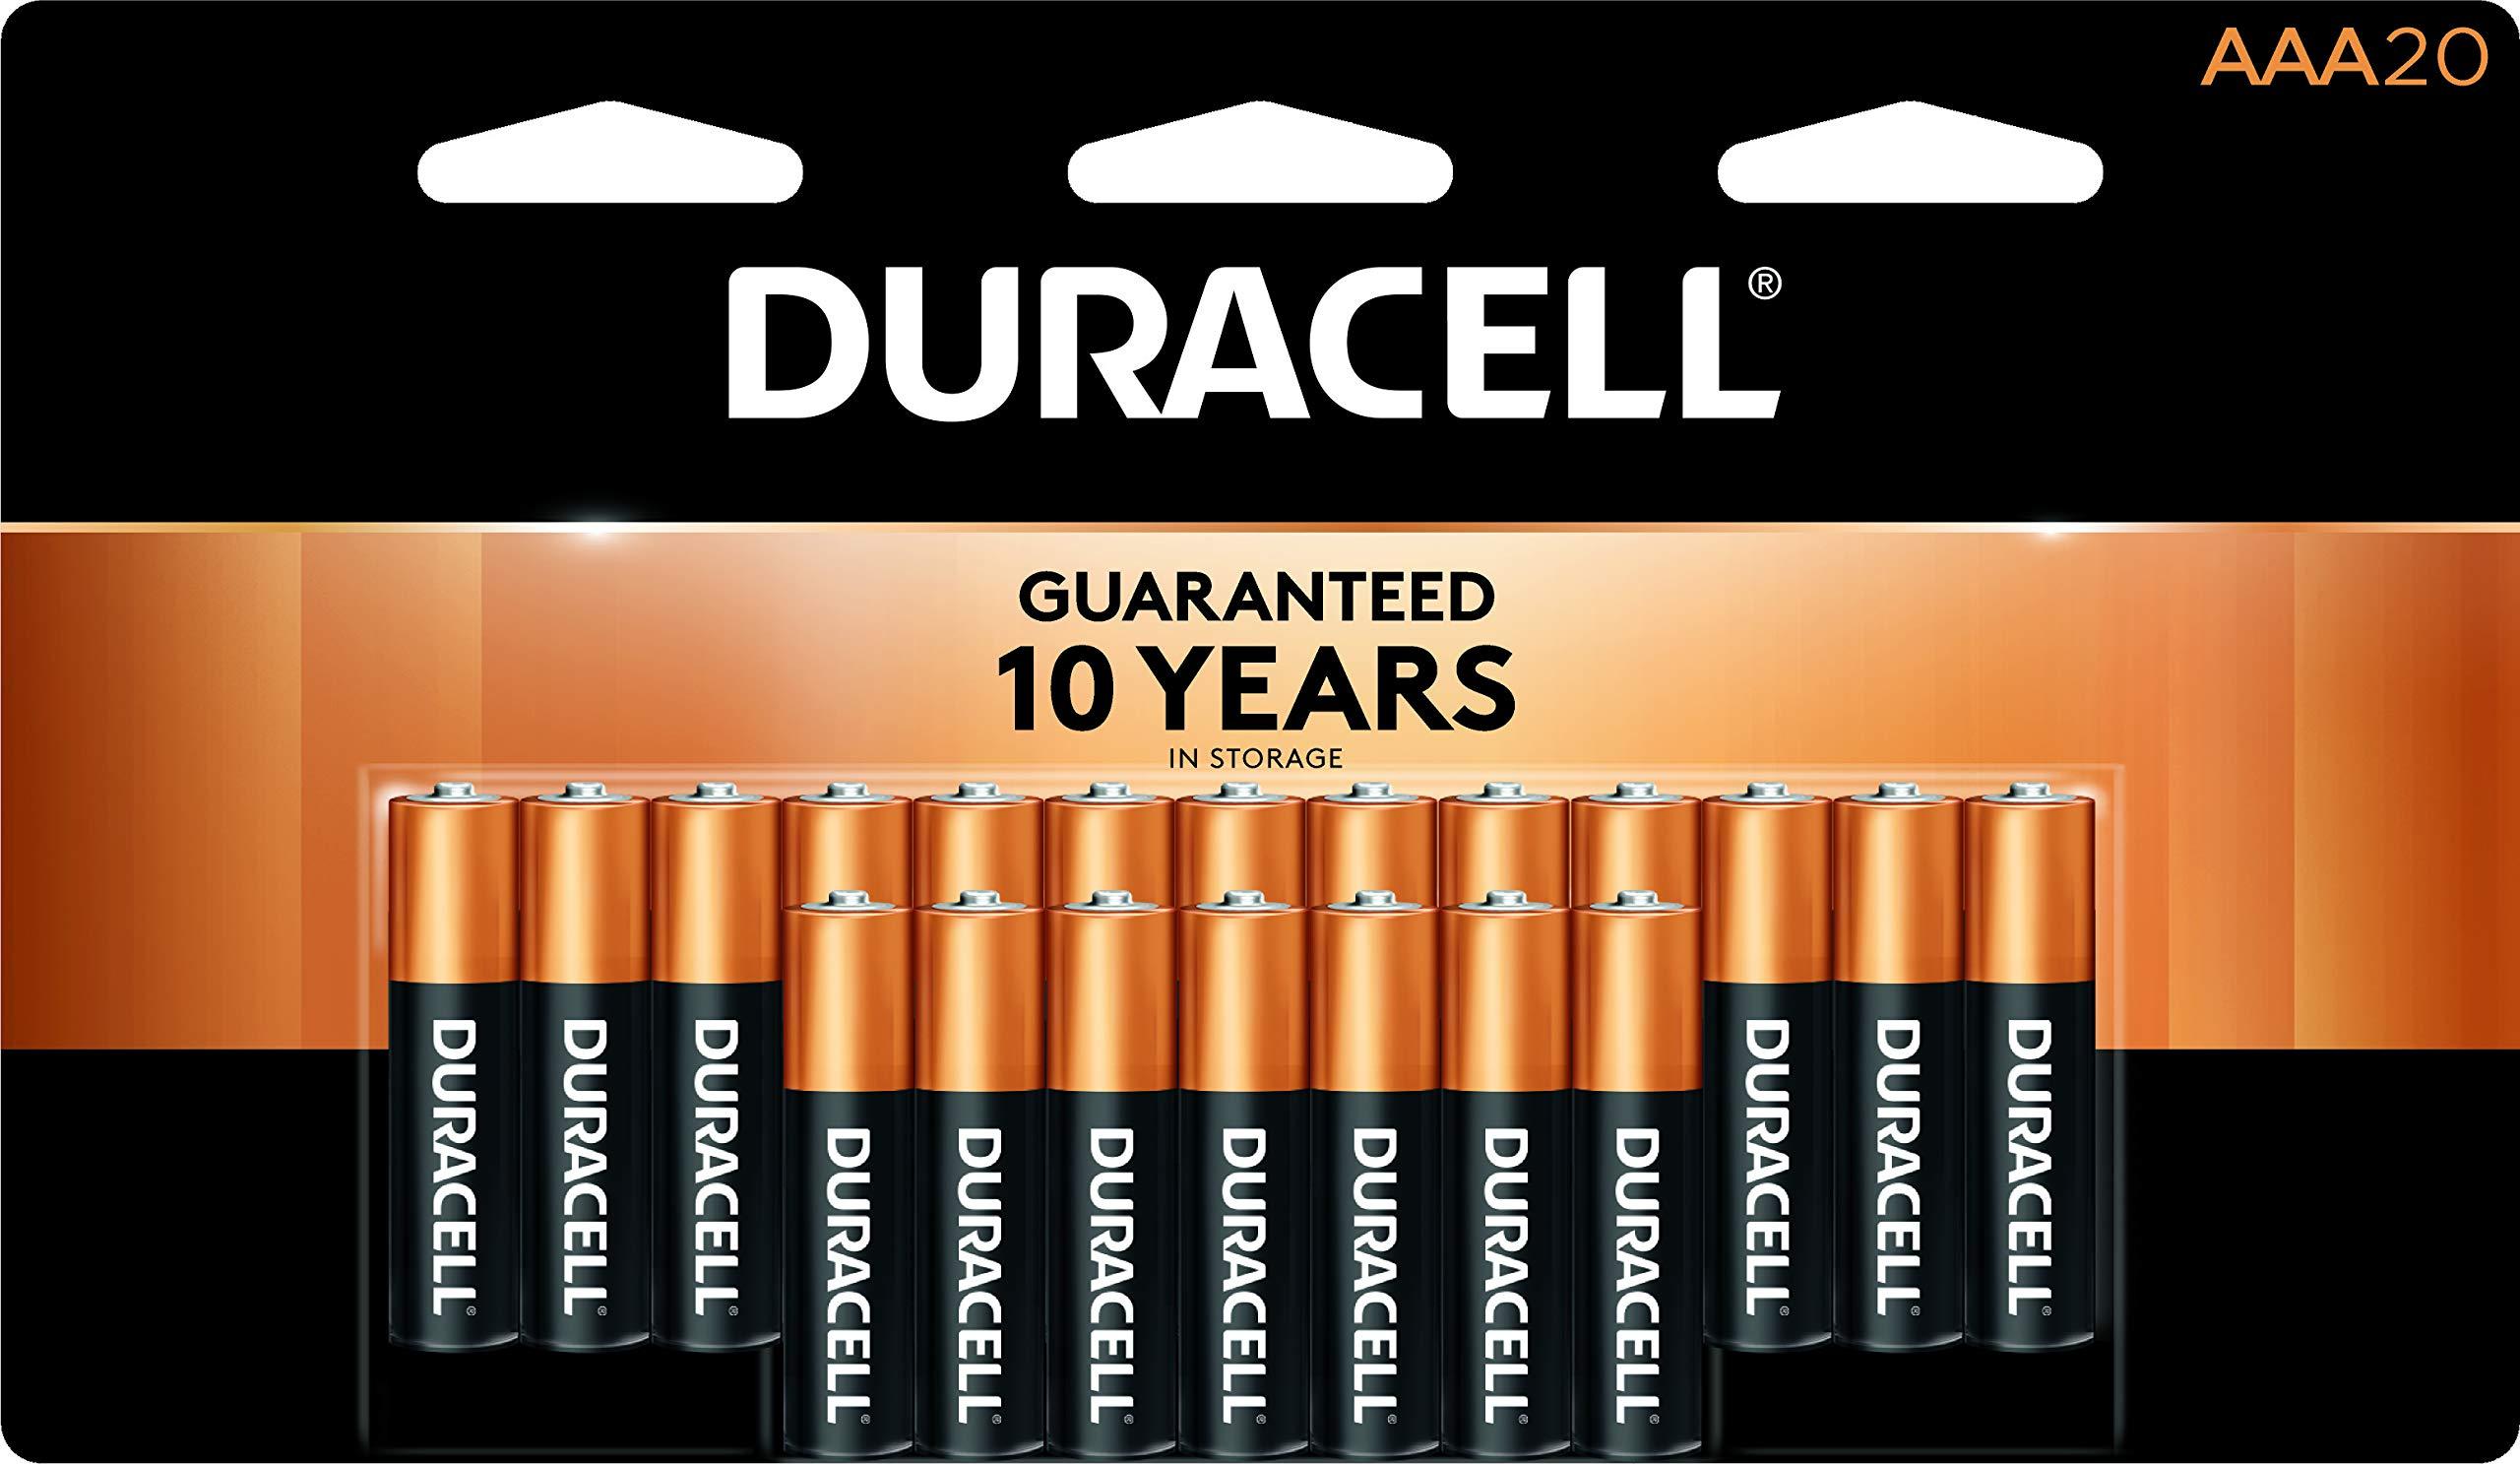 Galleon - Duracell - CopperTop AAA Alkaline Batteries